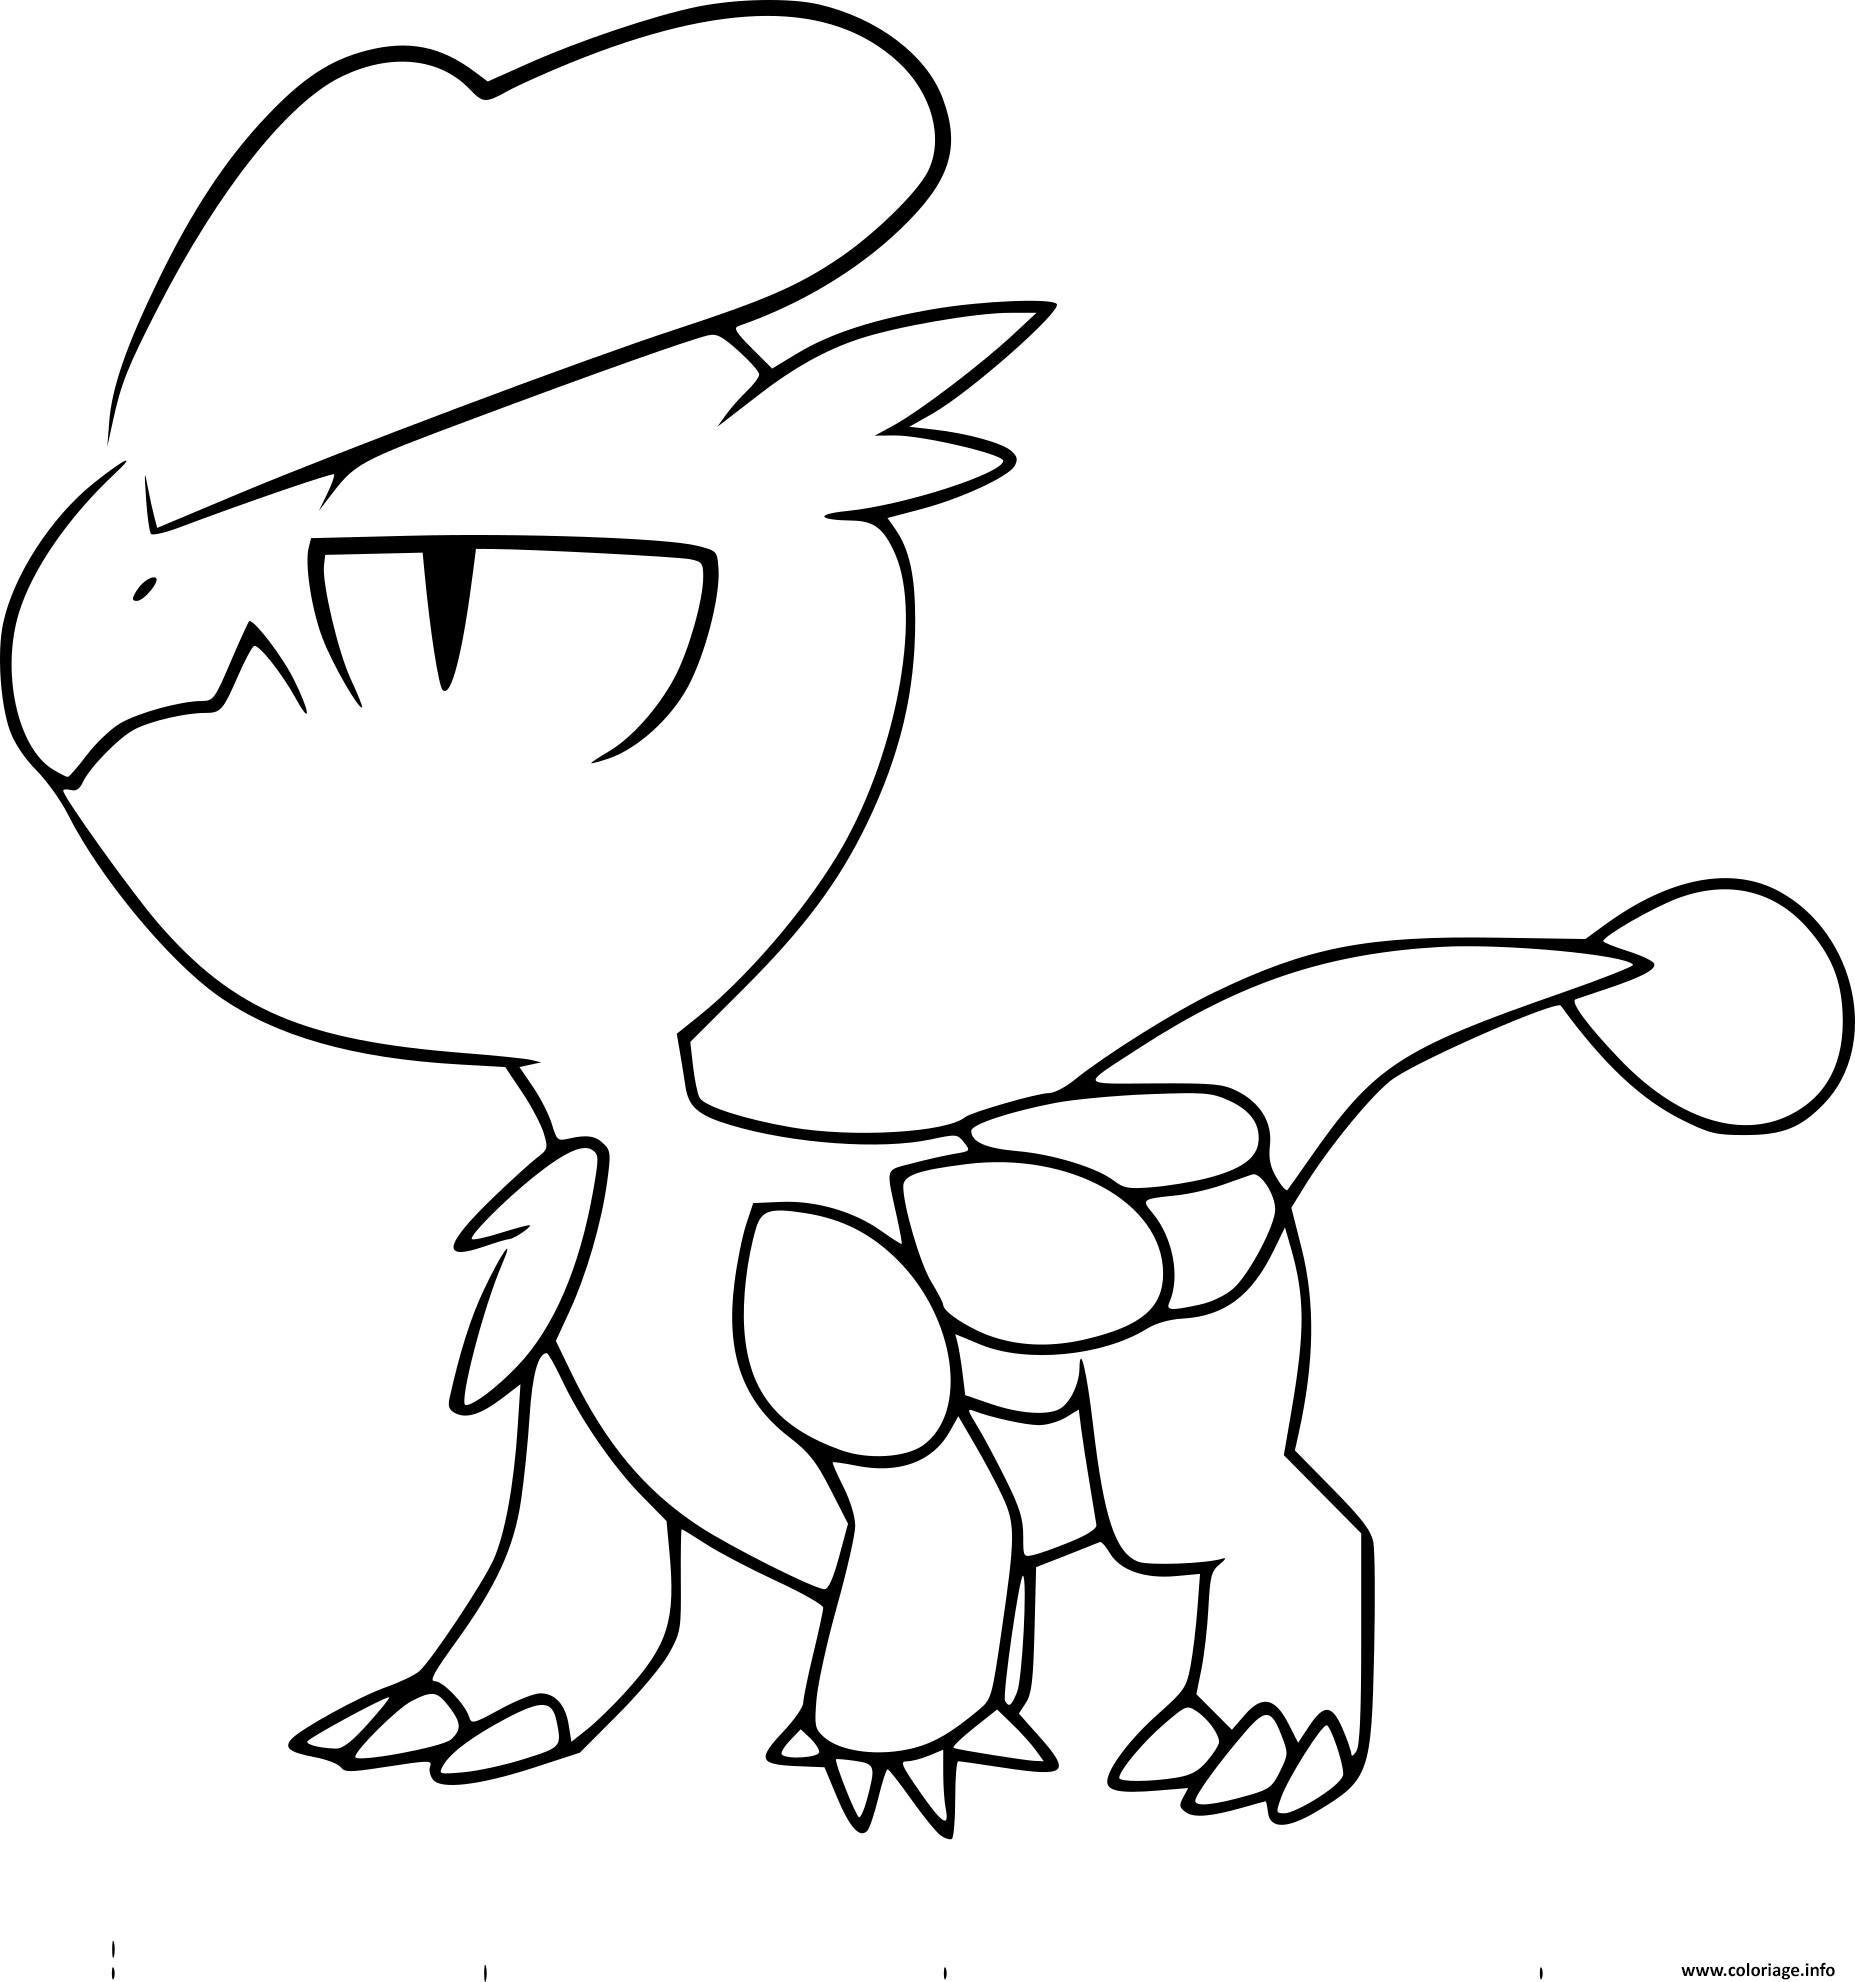 Nouveau Dessin A Imprimer Pokemon Entei